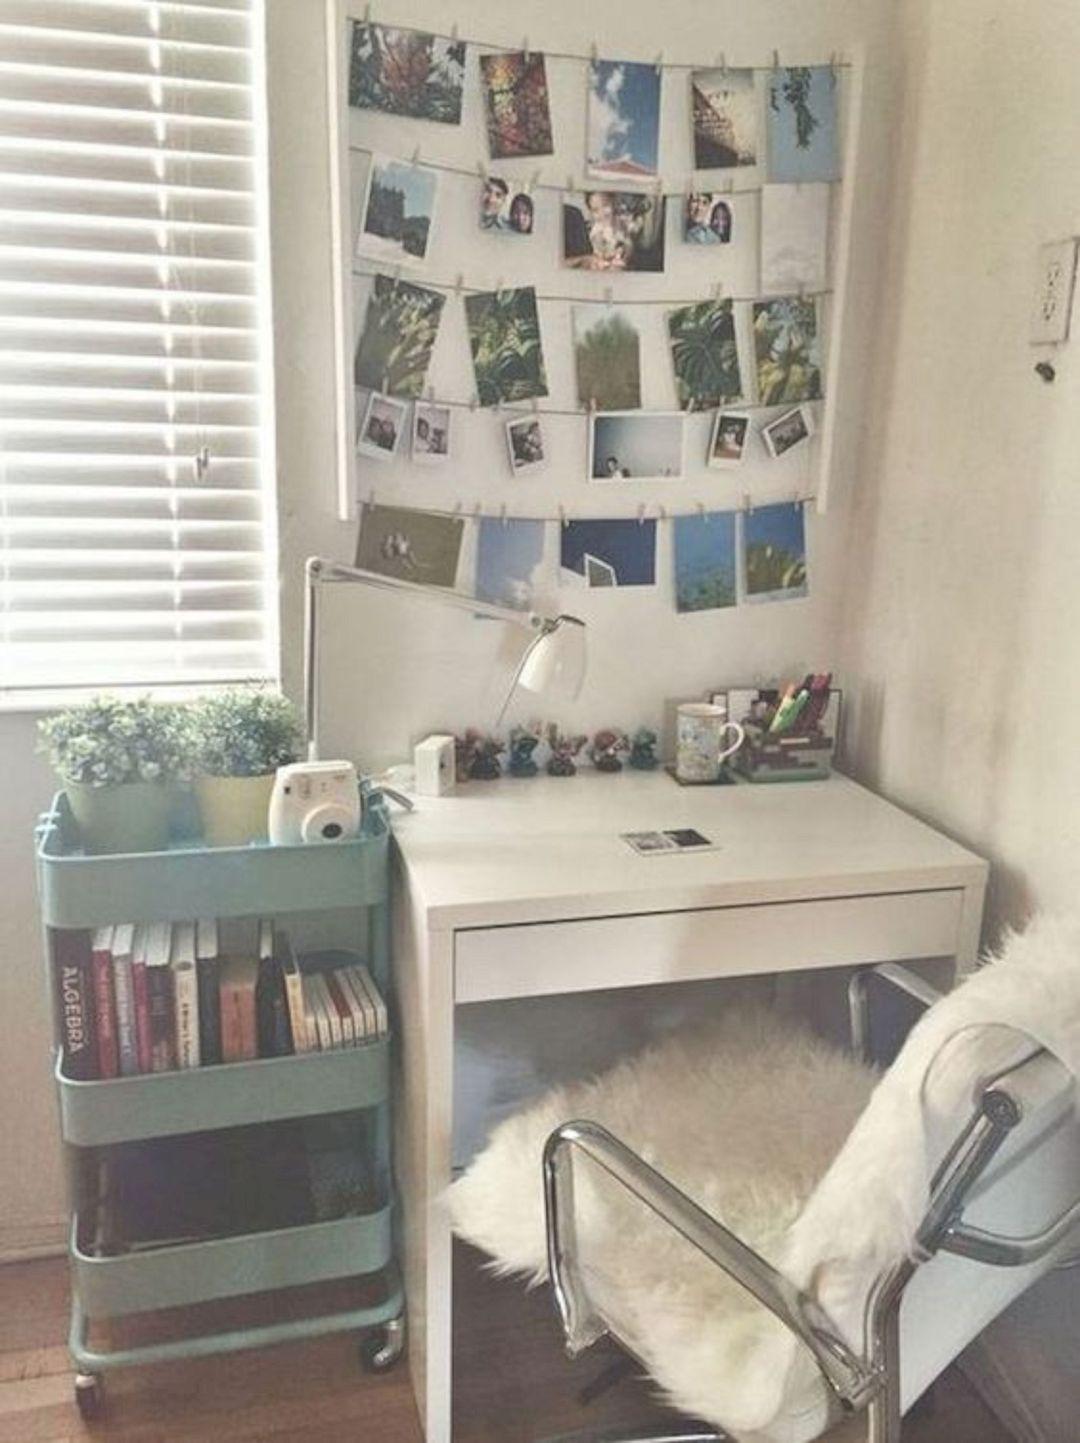 5 top small living room furniture ideas  dorm room diy